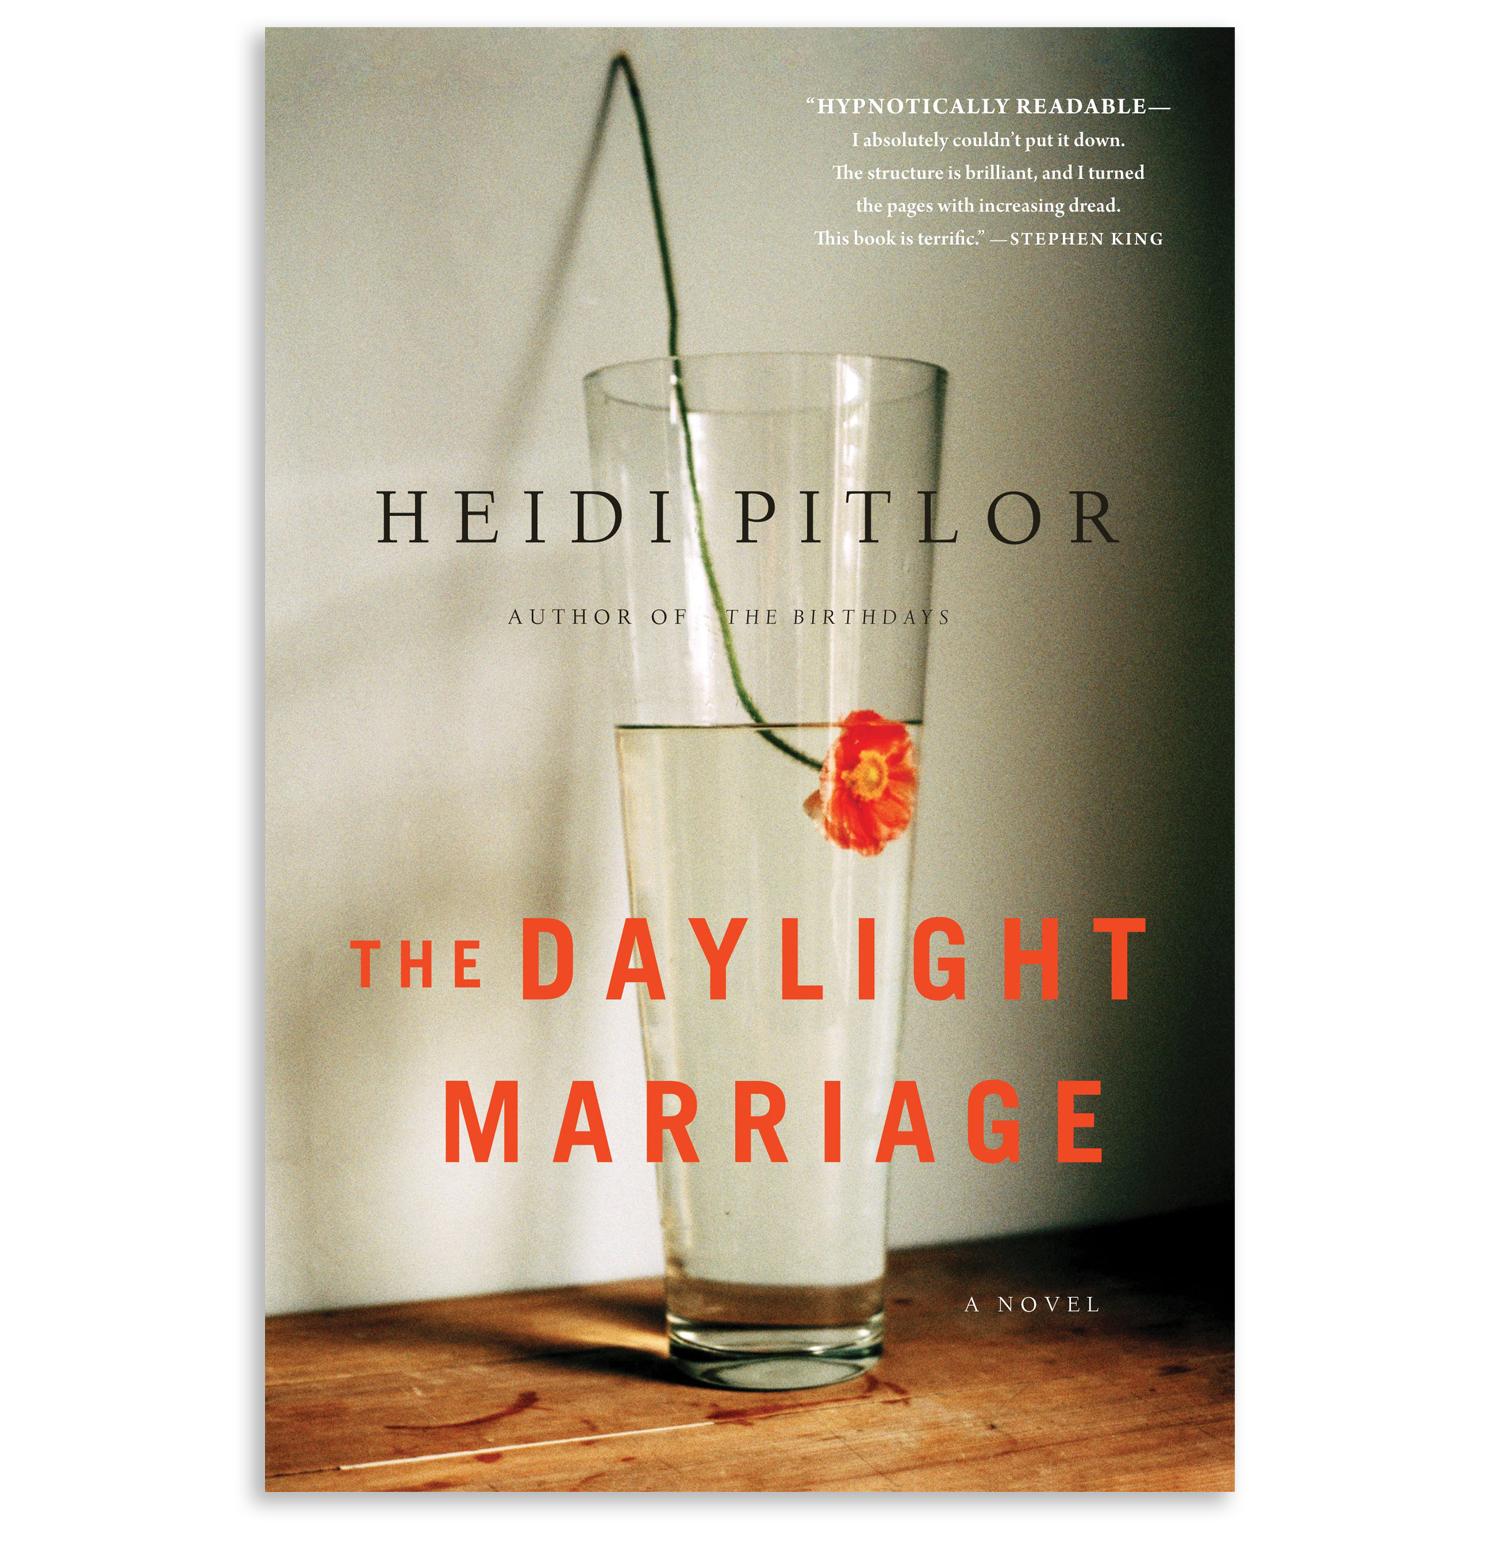 daylightmarriage.jpg